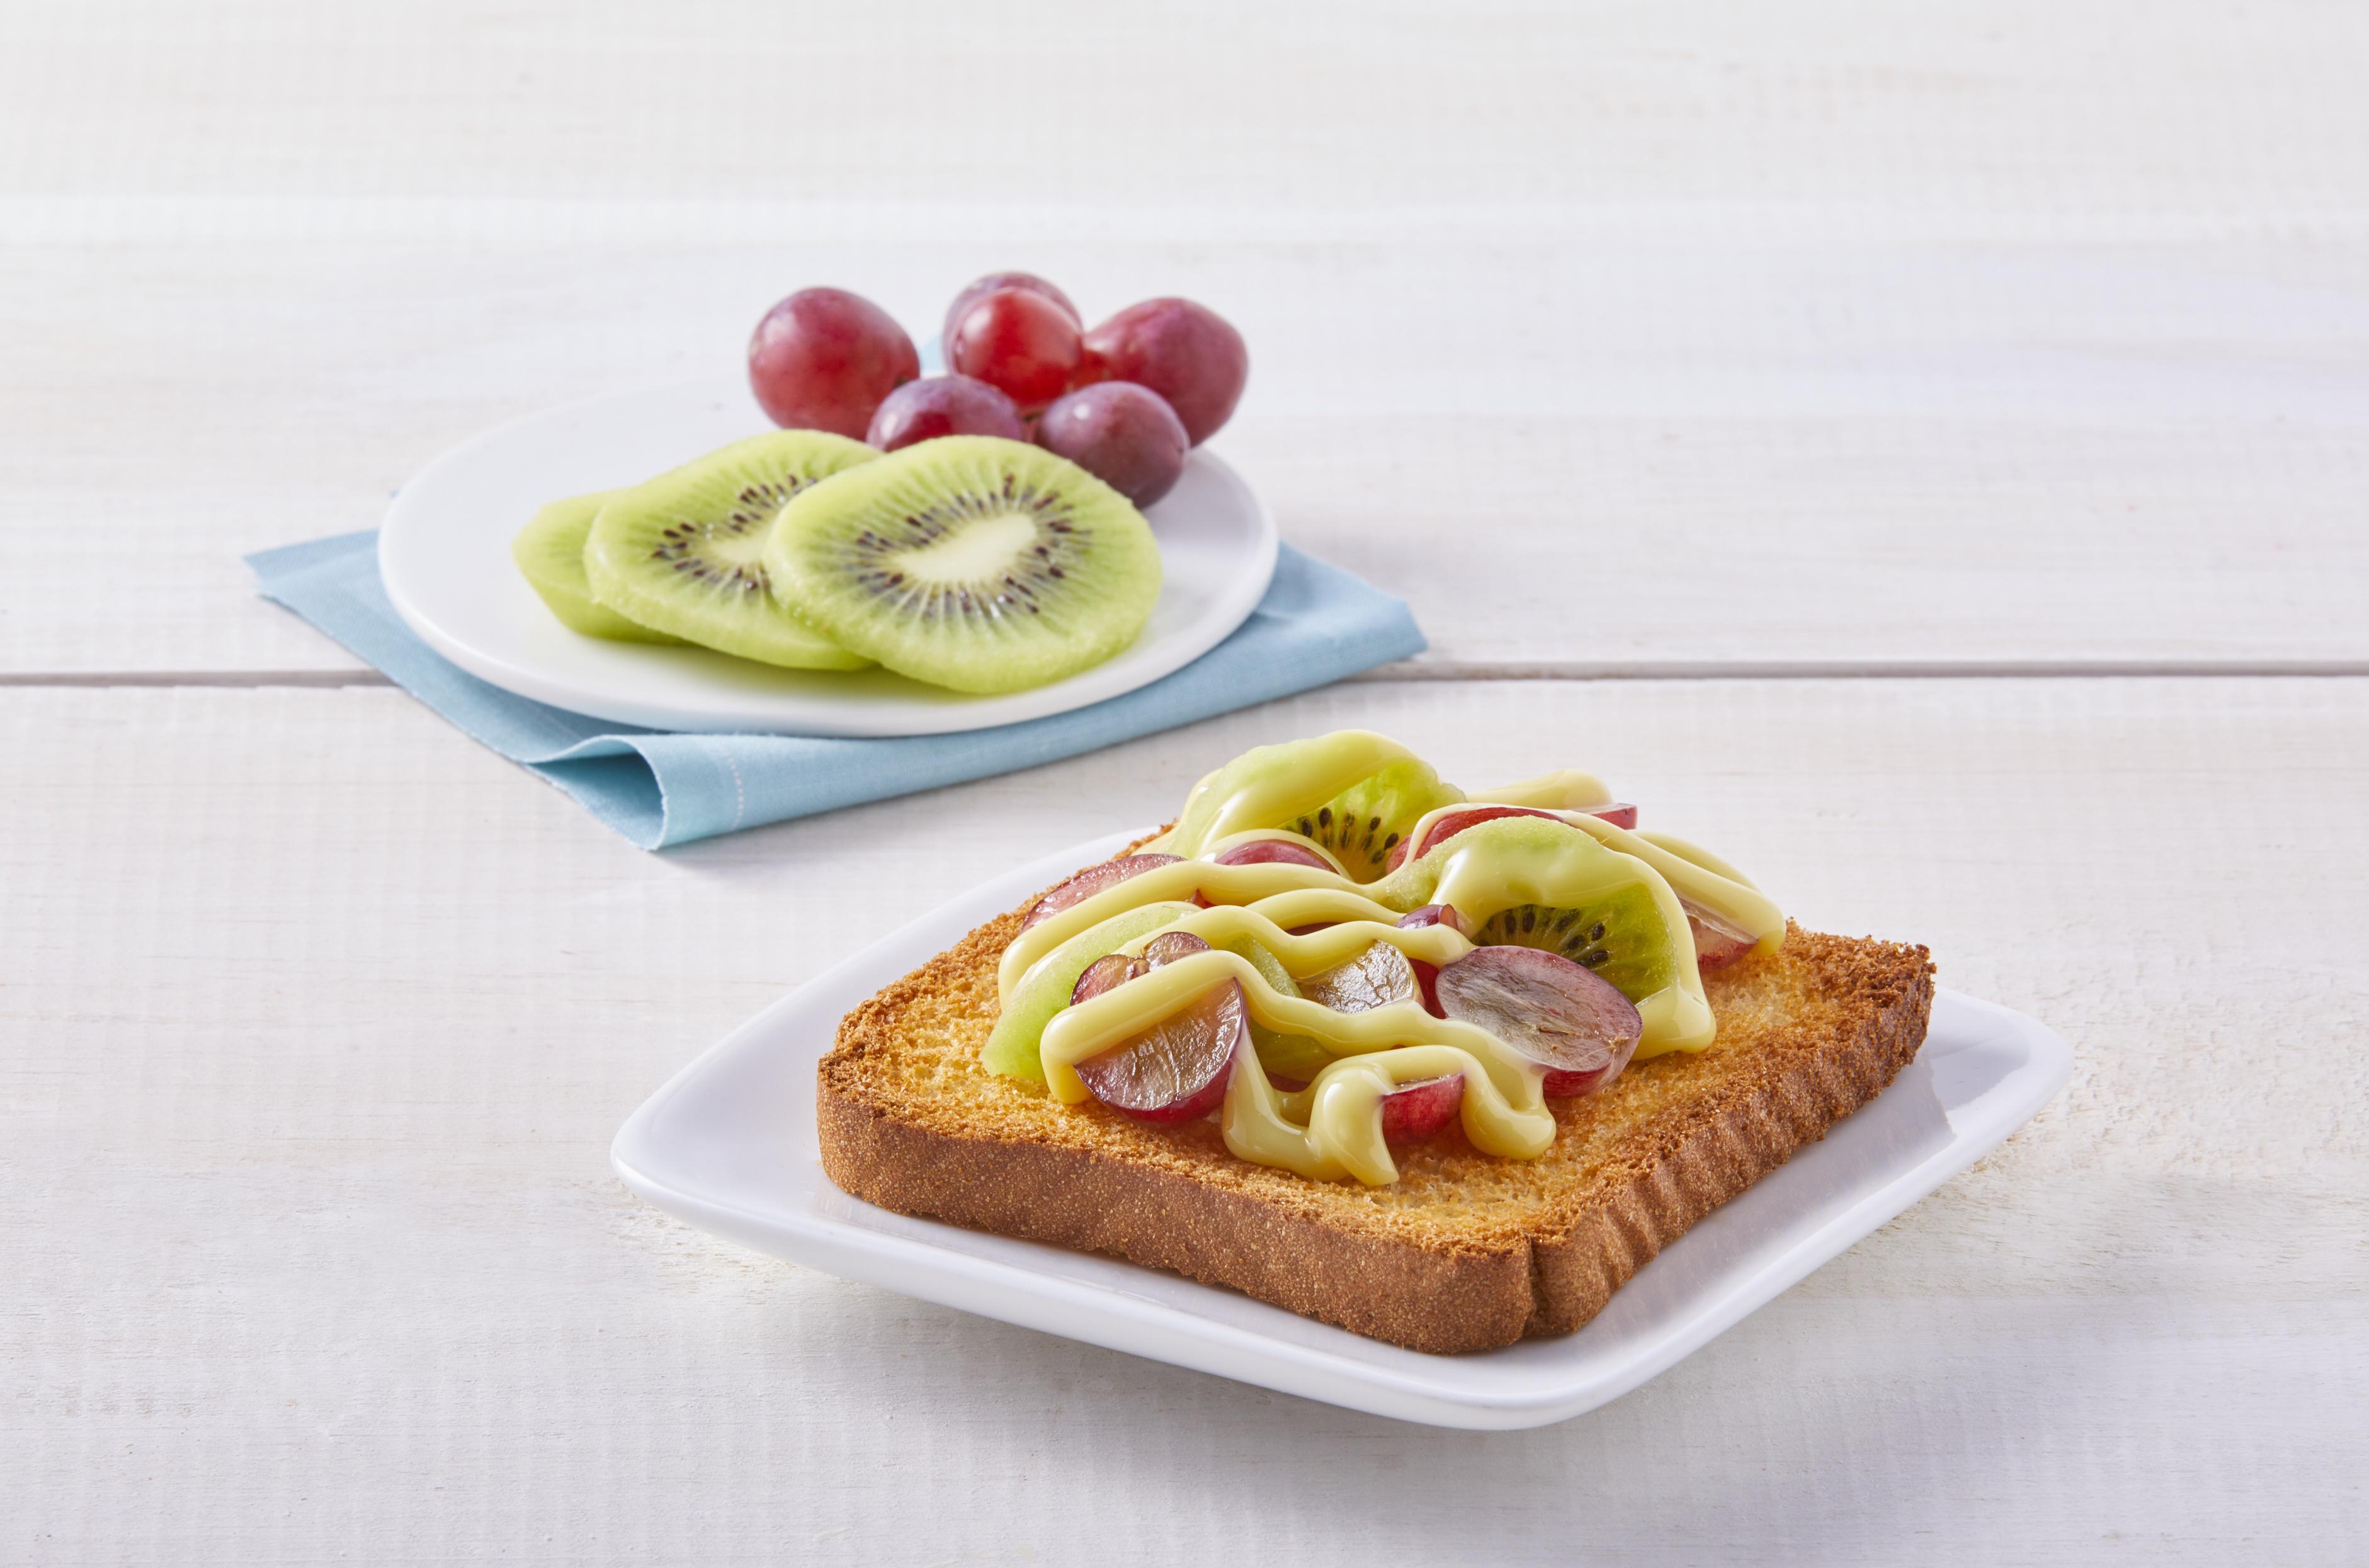 Pan de tostado con fruta